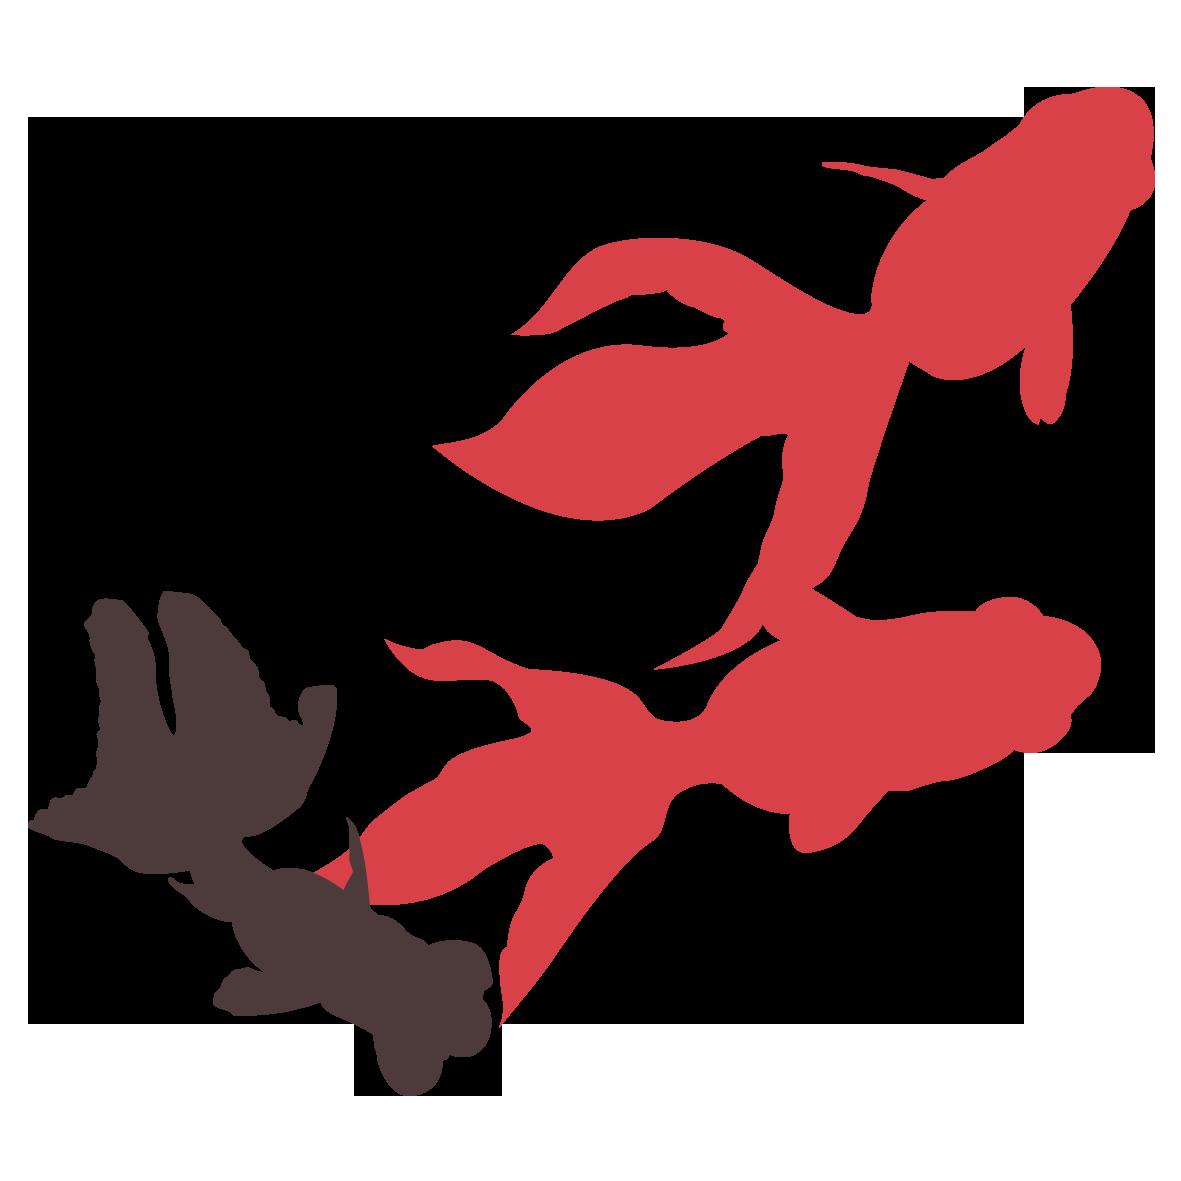 魚」のイラスト一覧 - 無料イラスト愛